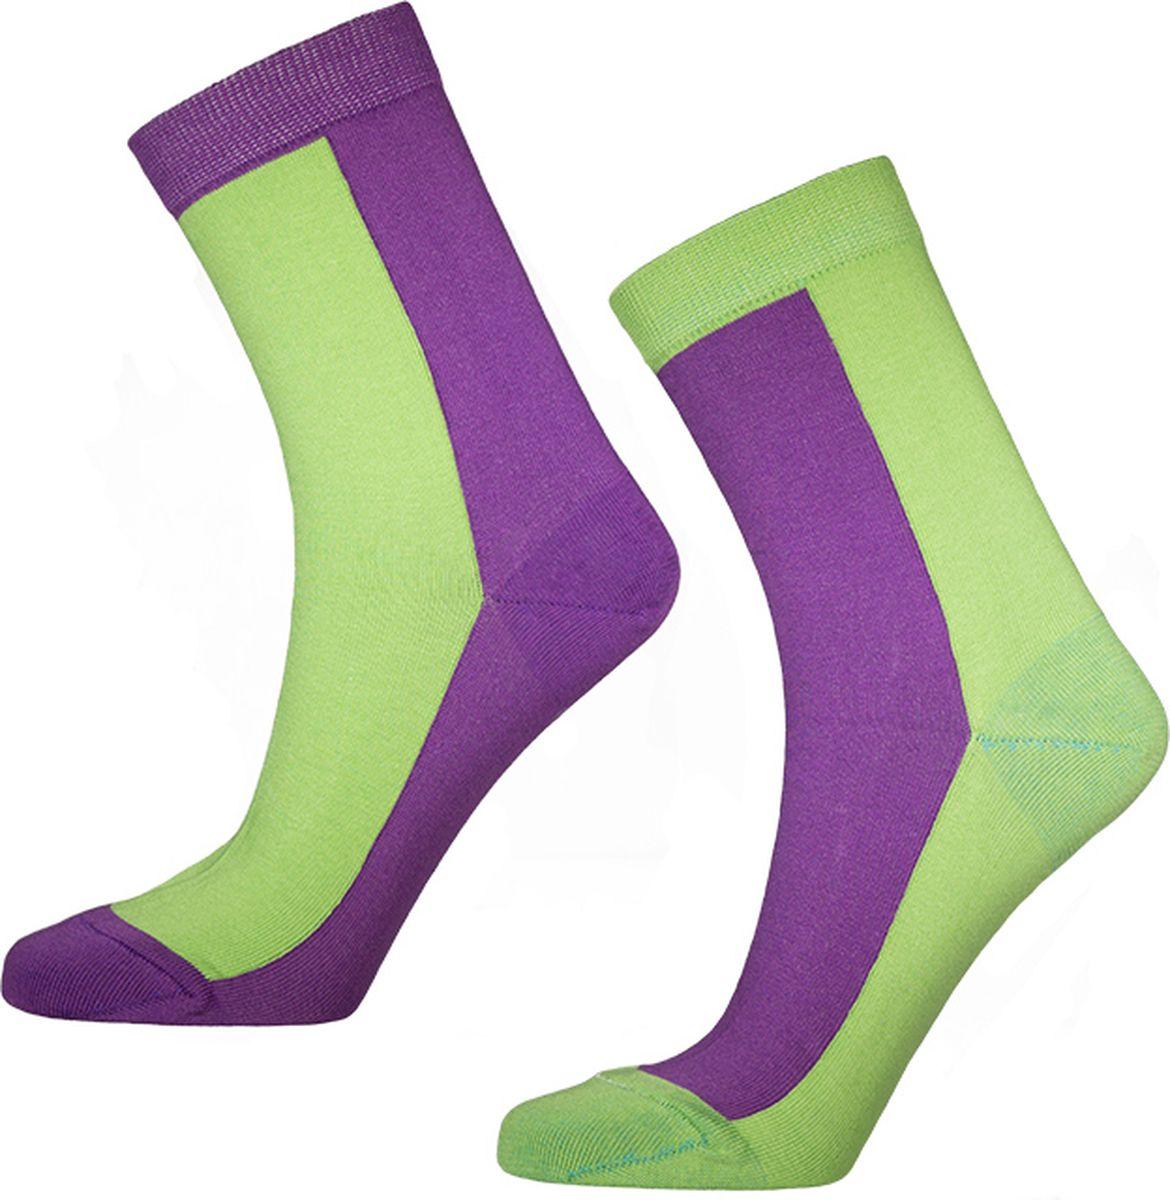 где купить Носки мужские Big Bang Socks, цвет: фиолетовый, салатовый, 2 пары. d461. Размер 40/44 по лучшей цене